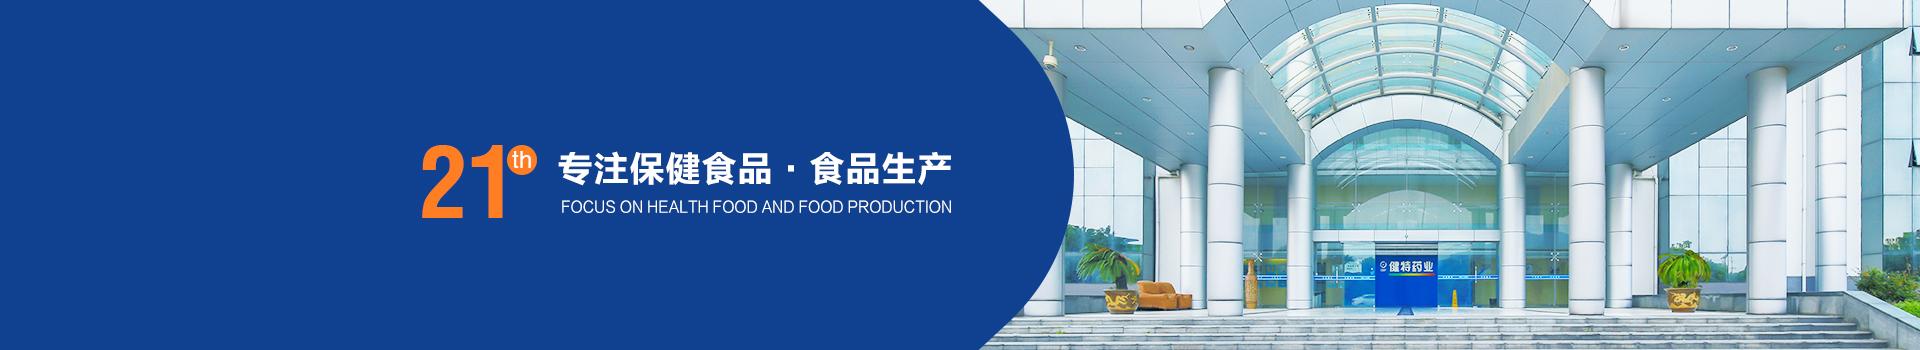 21年专注保健食品、食品生产